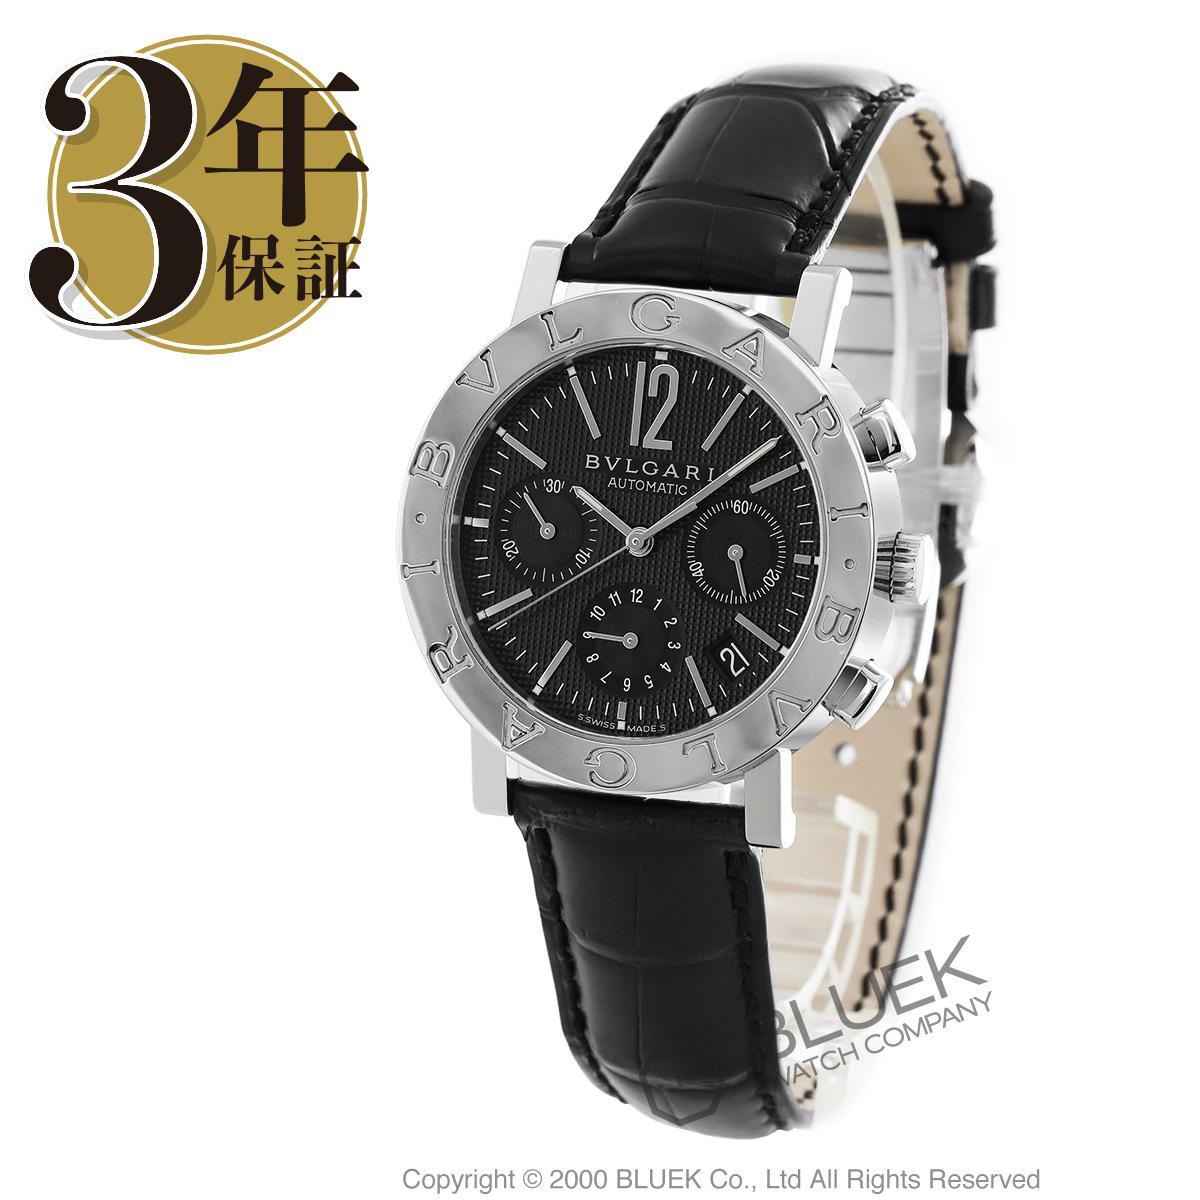 ブルガリ BVLGARI 腕時計 ブルガリブルガリ アリゲーターレザー メンズ BB38BSLDCH_8